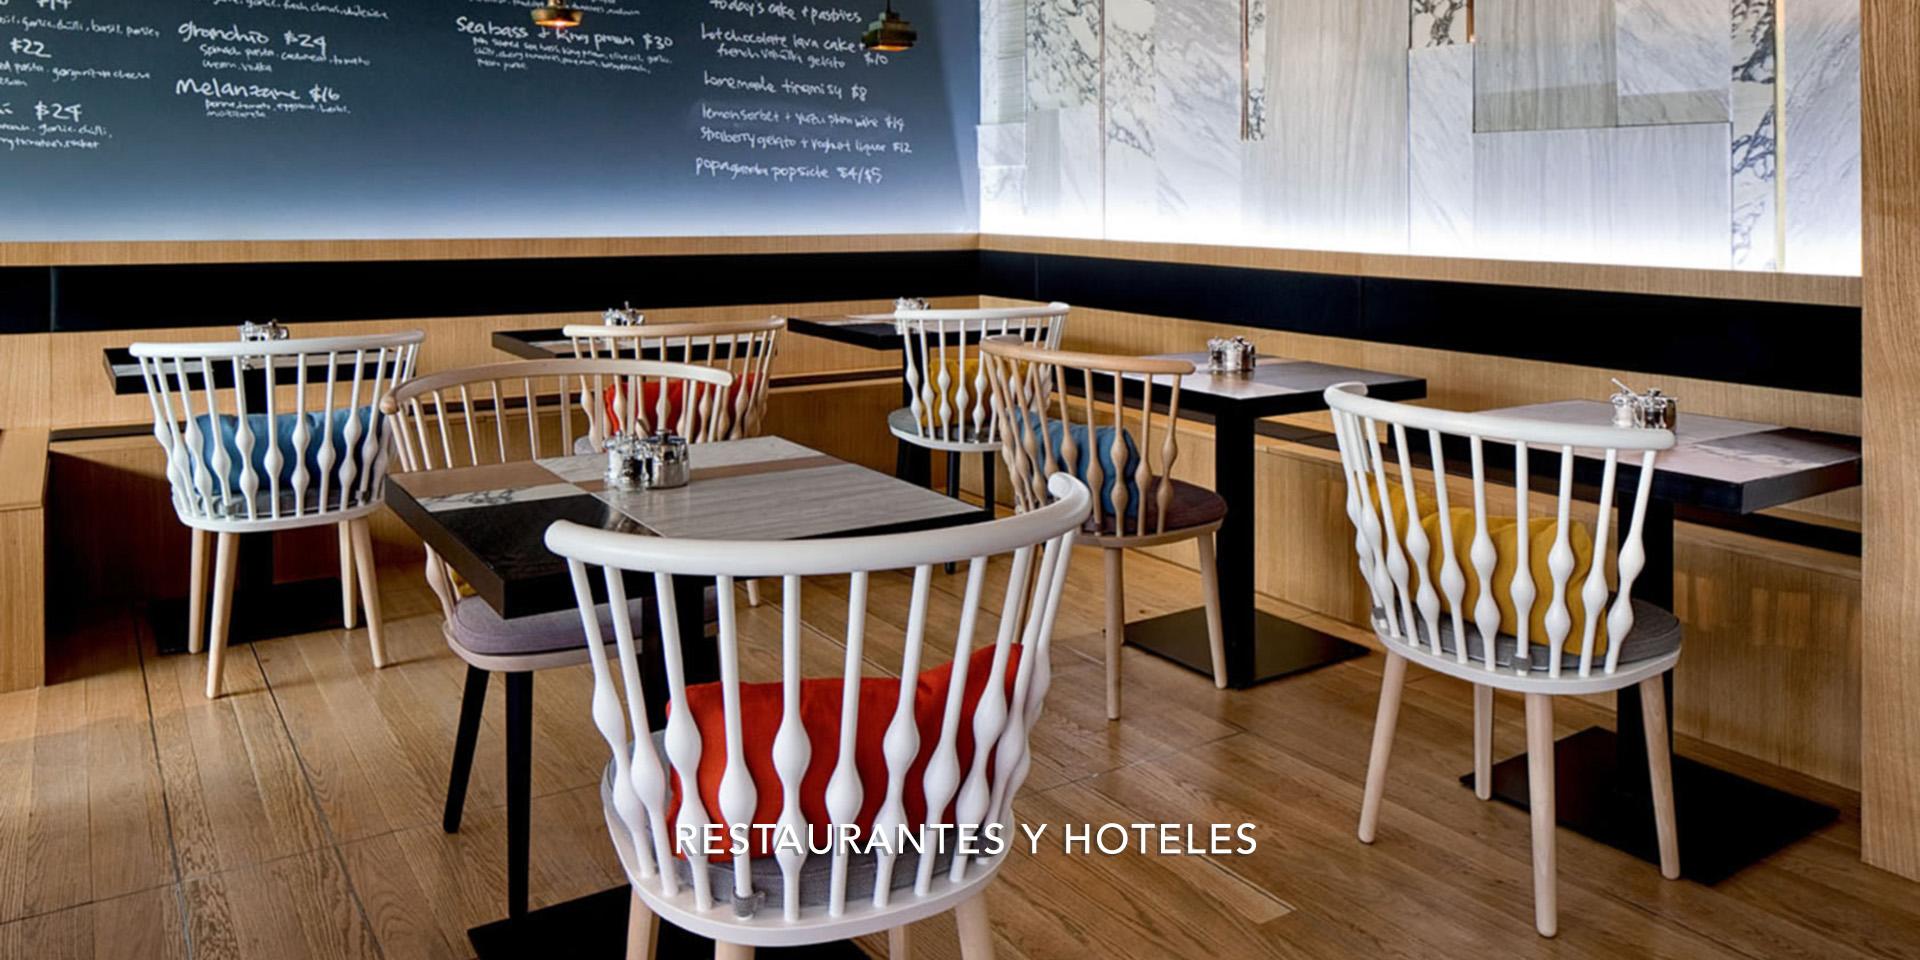 RESTAURANTES Y HOTELES